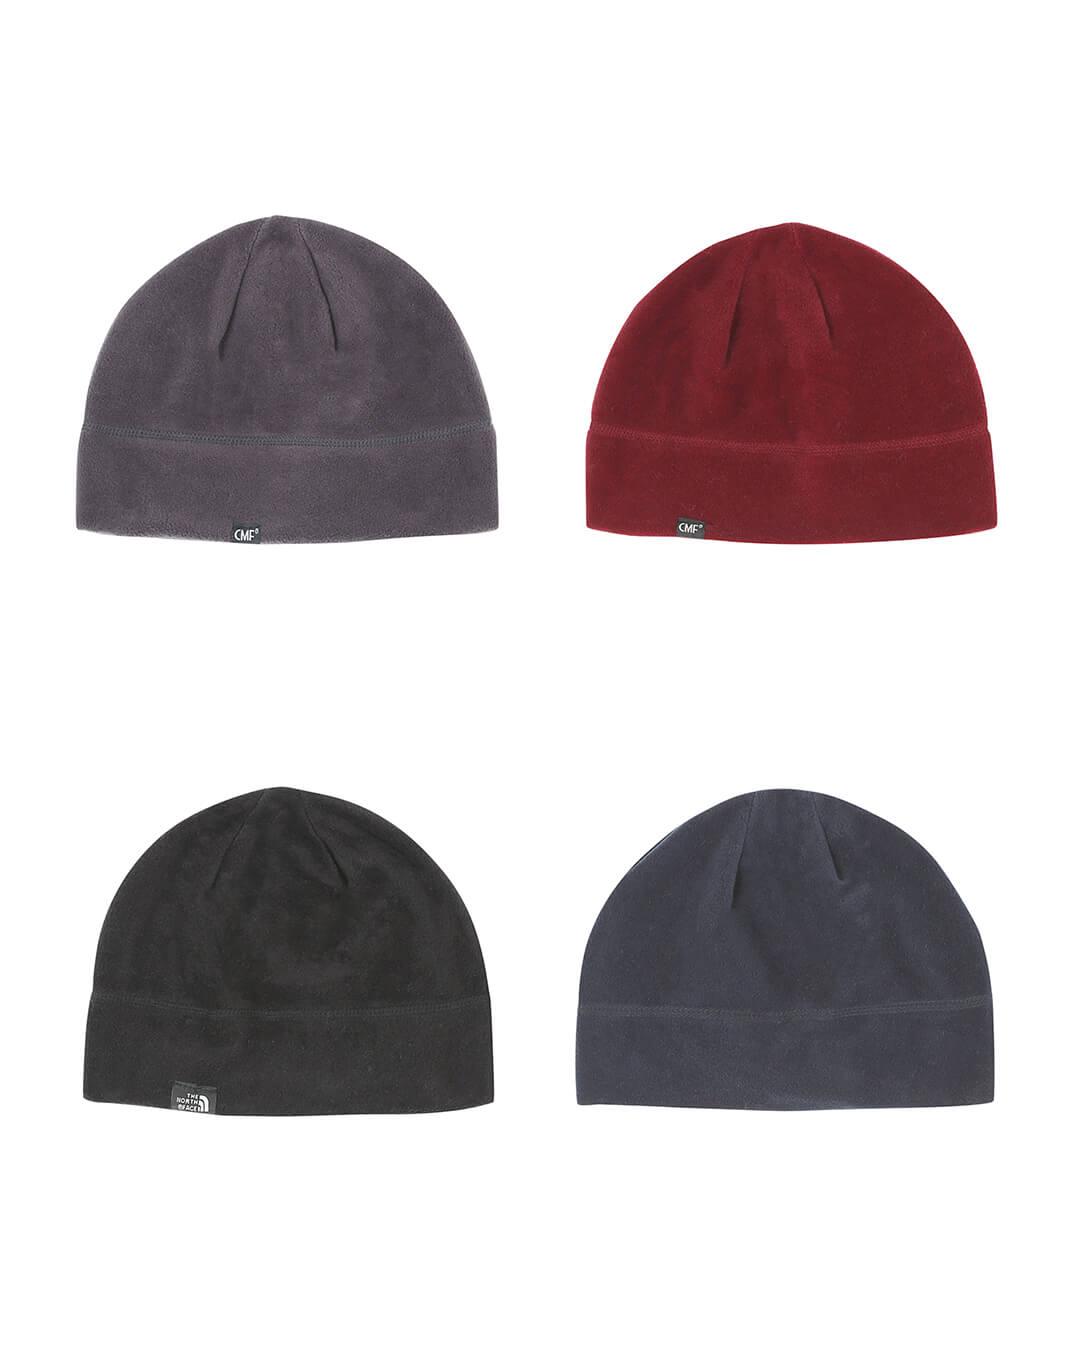 CMFW-18-07 - Kısa Polar Bere - Ürün Resmi - CMF Şapka